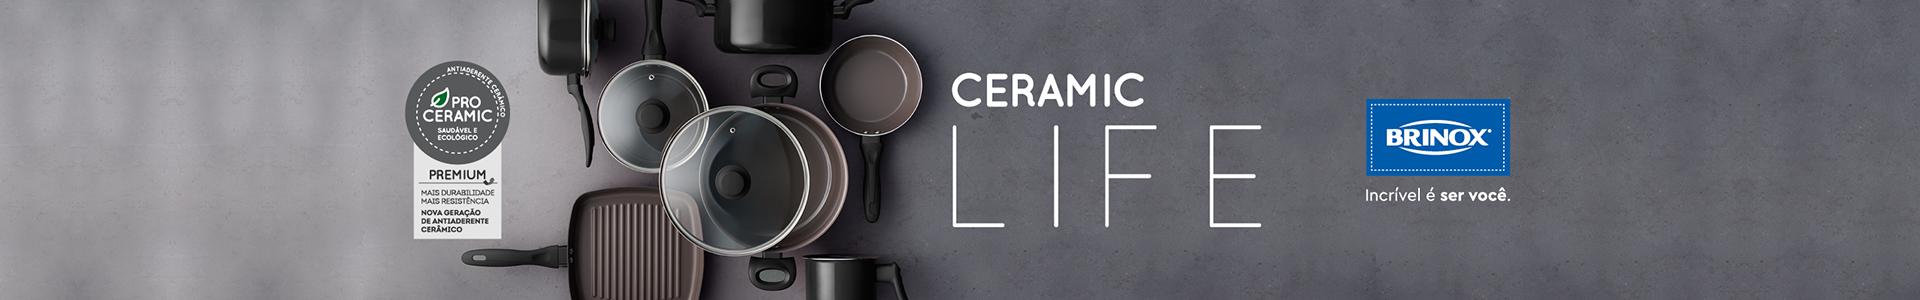 ceramic life